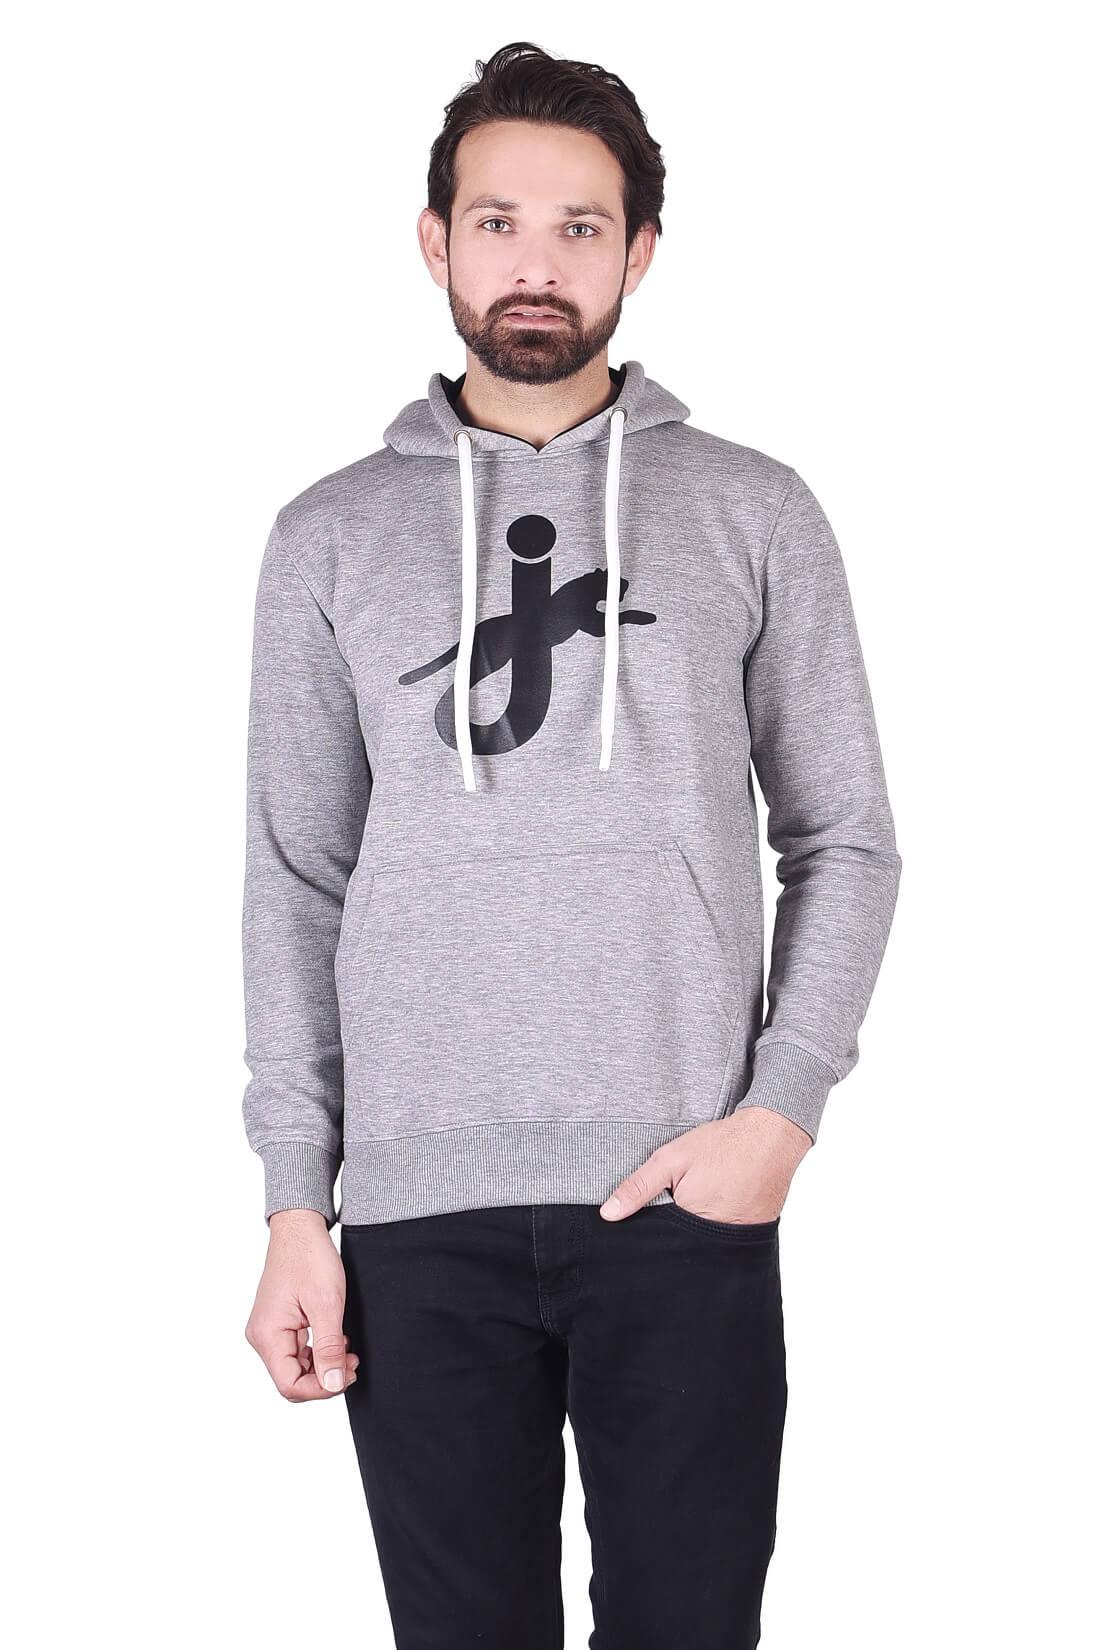 JAGURO | JAGURO men's solid winter hoodie .